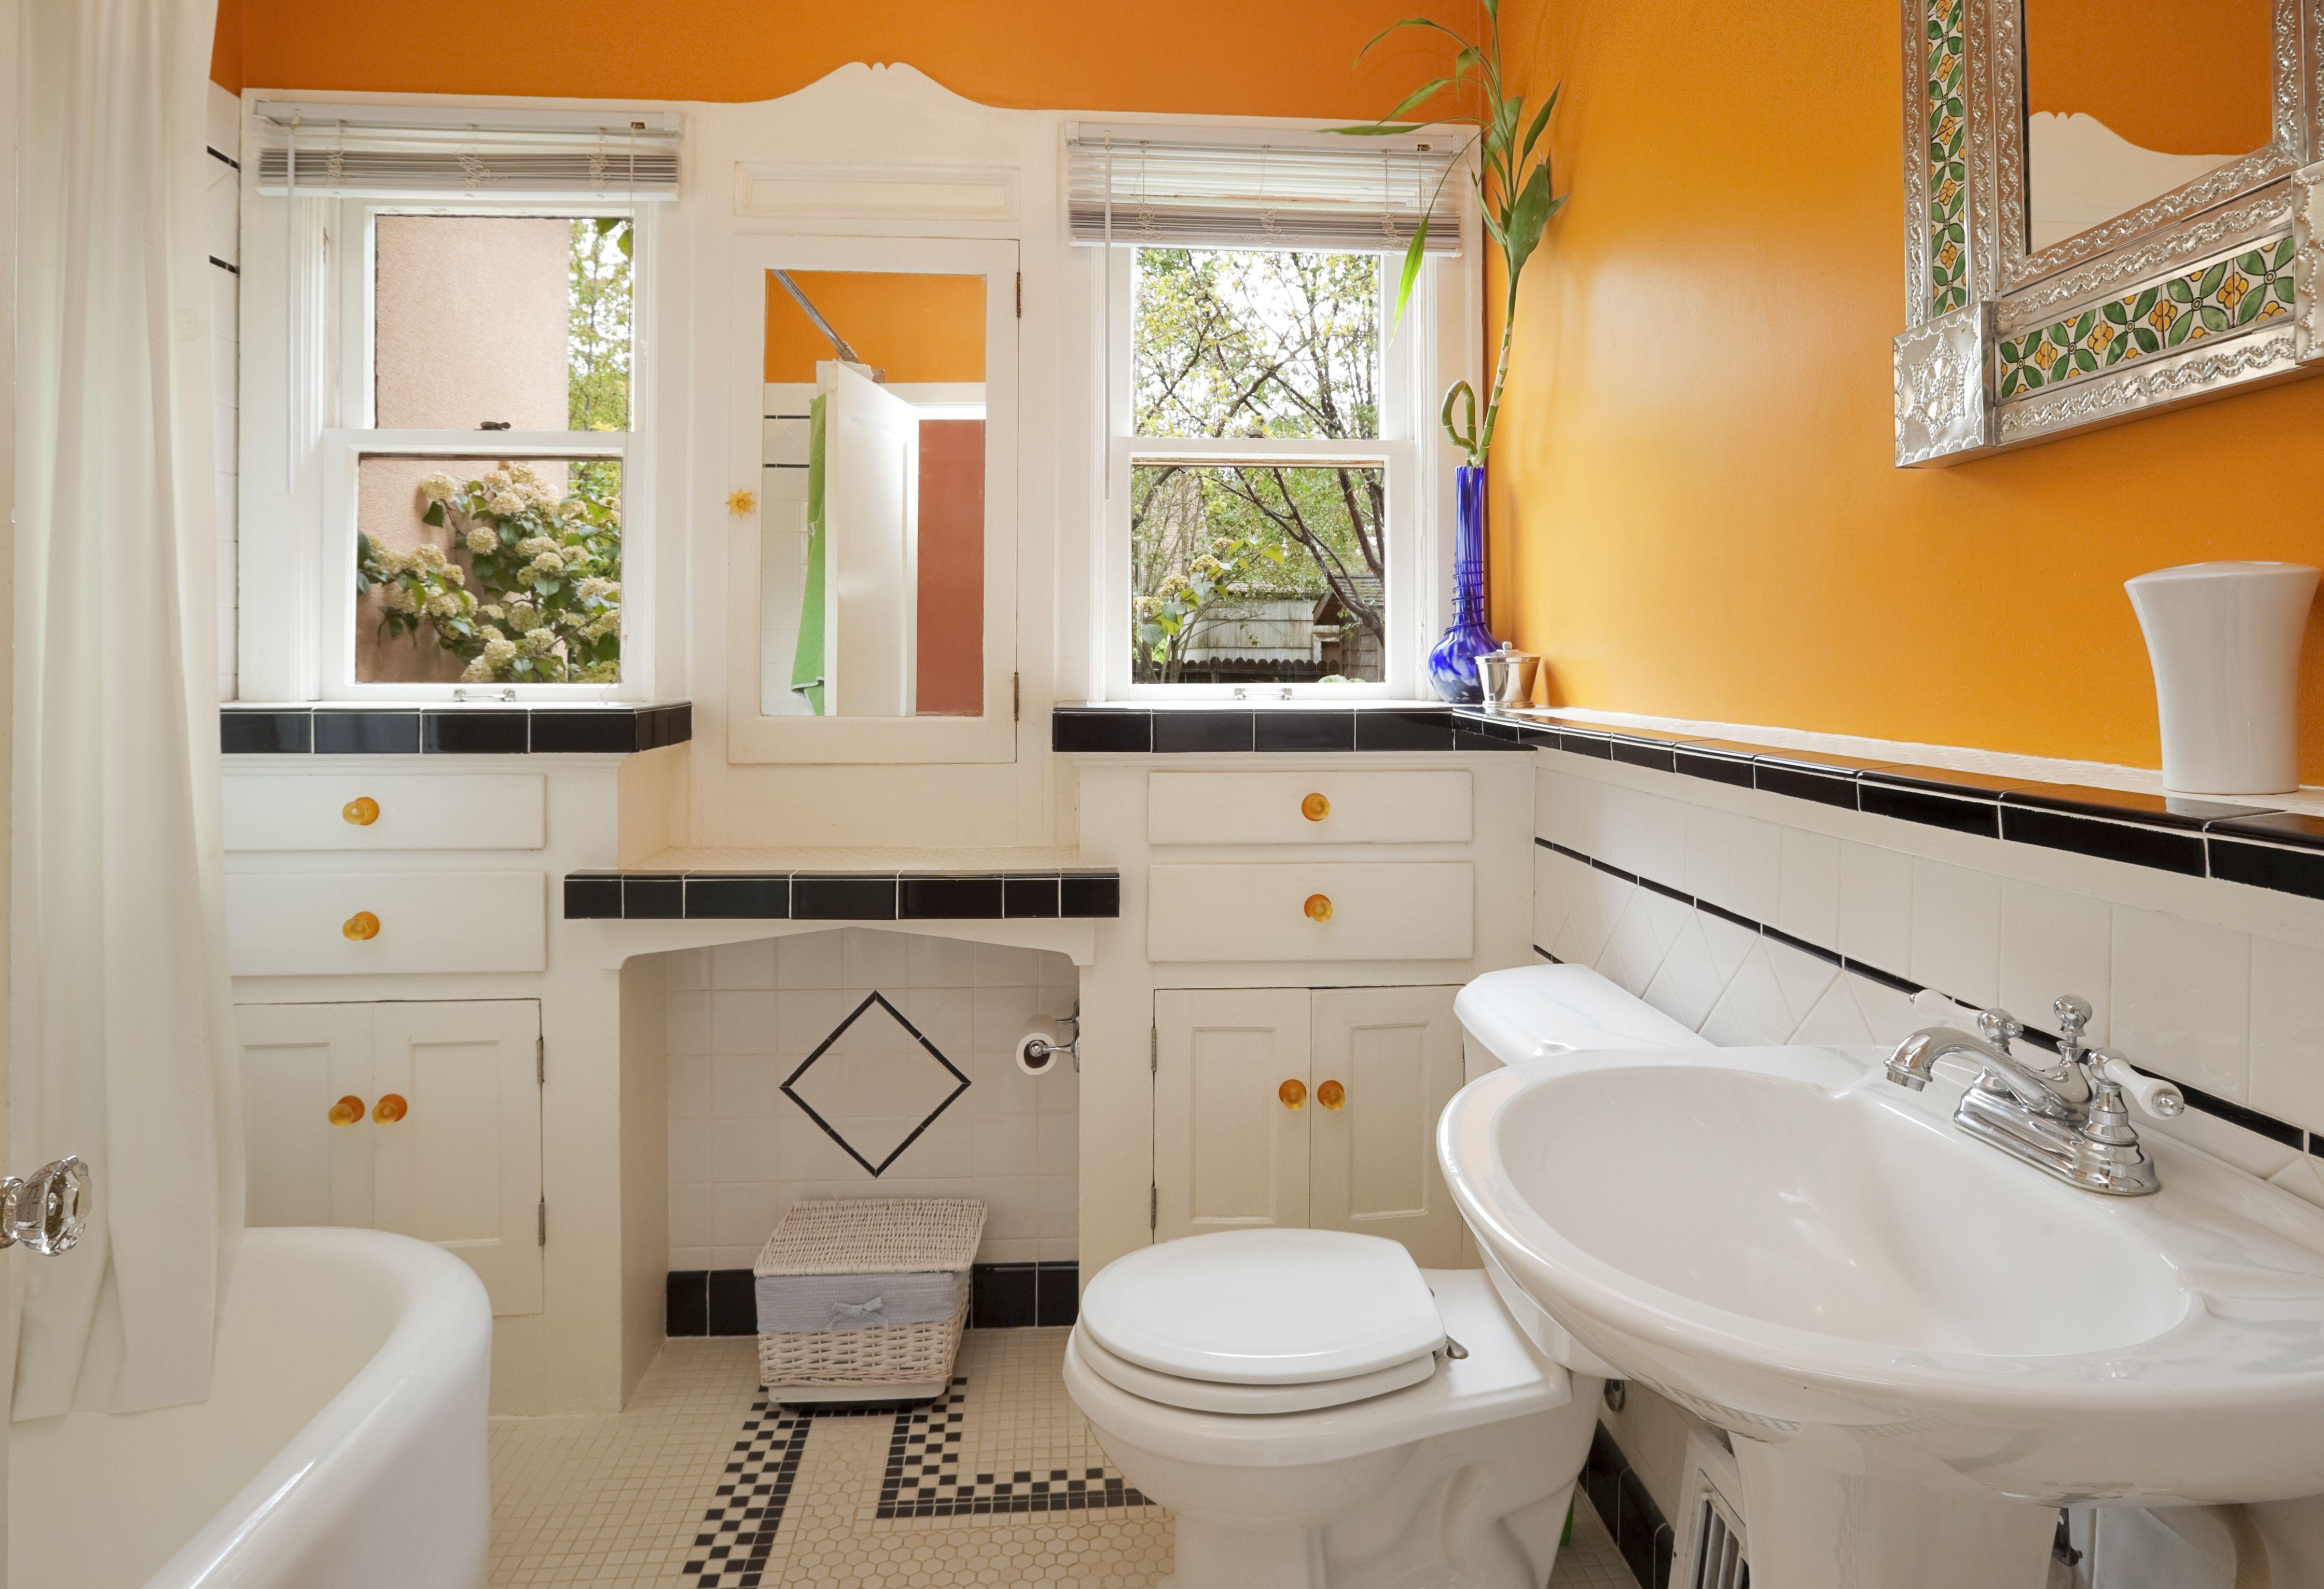 bright orange and white colorful modern bathroom cd03df78cc2e8f54e33